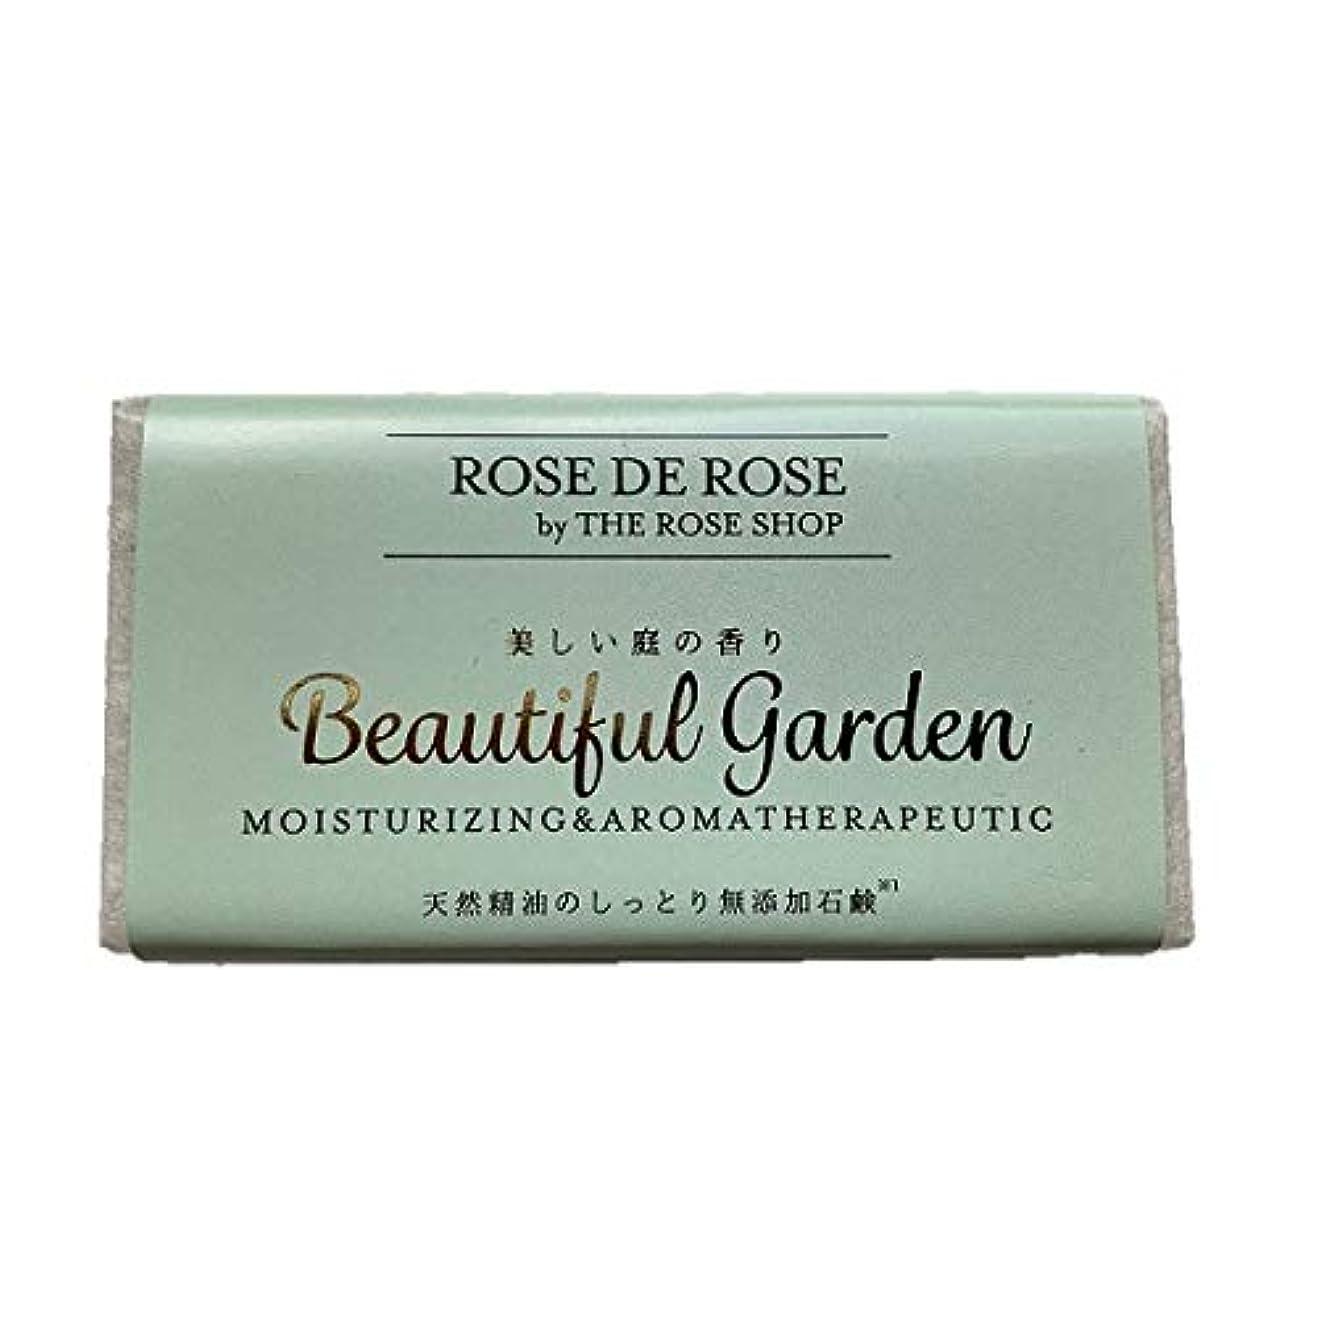 泣き叫ぶ昼間レイアウト天然精油の無添加石鹸 「美しい庭の香り ビューティフルガーデン」2個セット